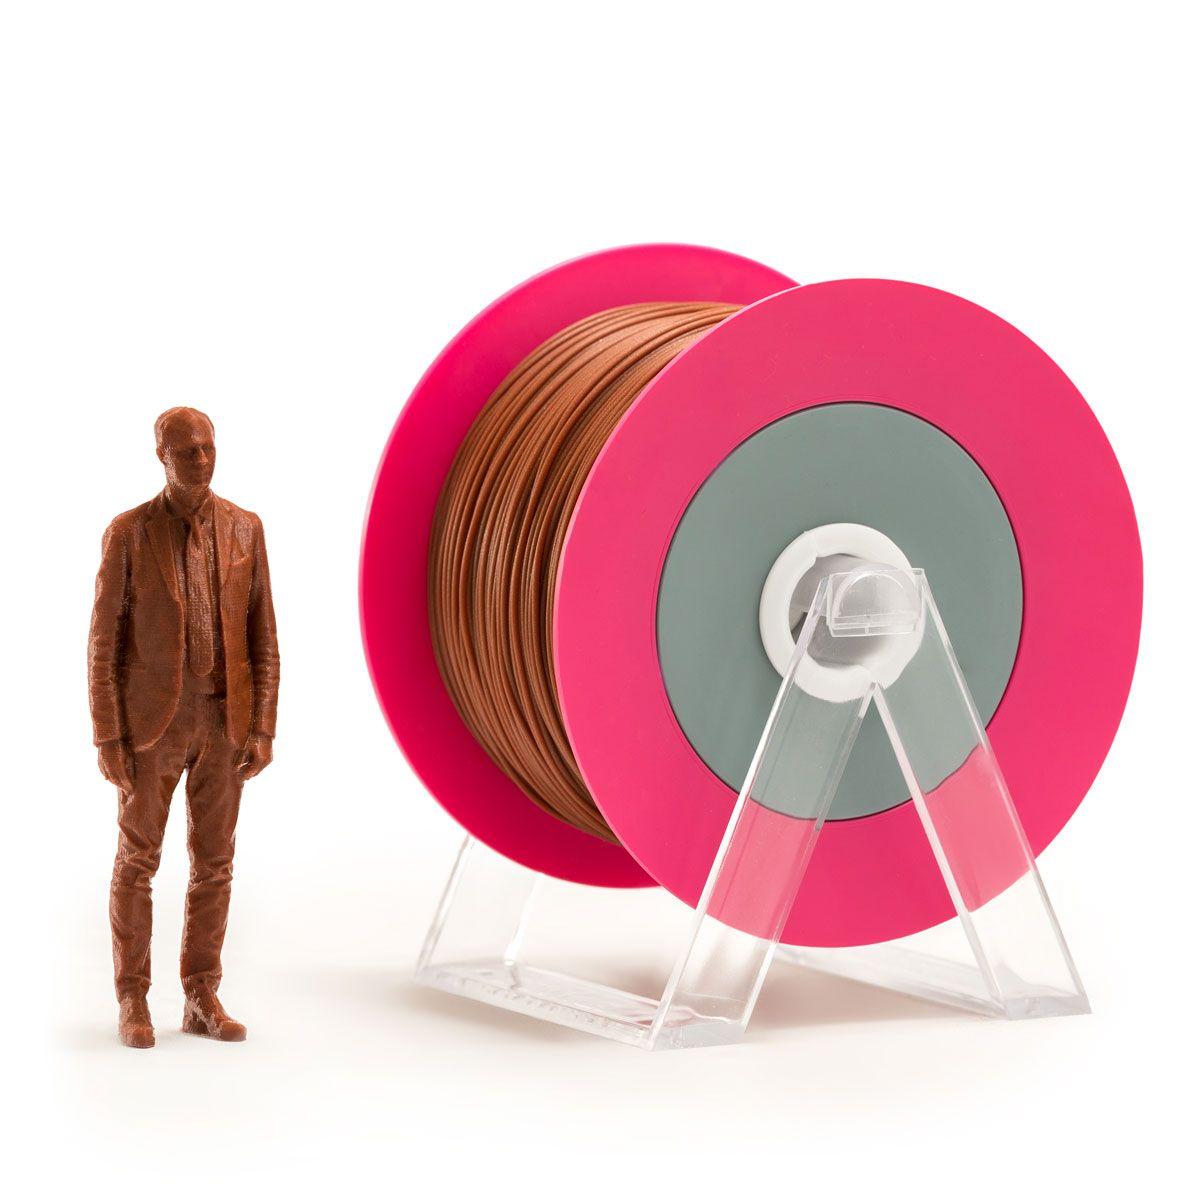 PLA Filament | Color: Glossy Brick Brown